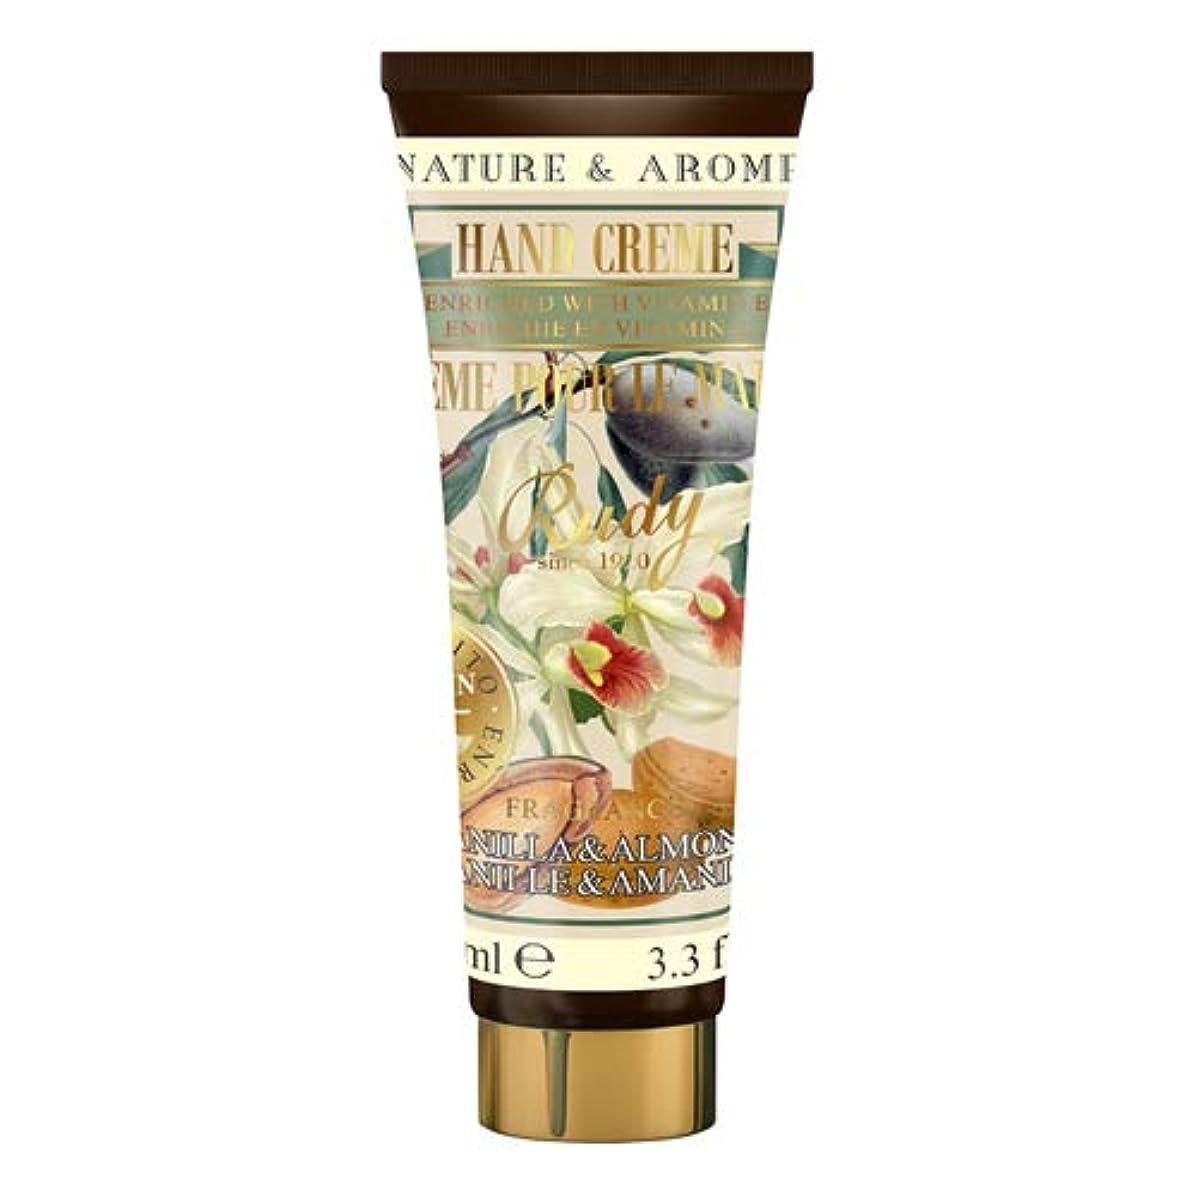 消費者支配的囲まれたRUDY Nature&Arome Apothecary ネイチャーアロマ アポセカリー Hand Cream ハンドクリーム Vanilla & Almond バニラ&アーモンド